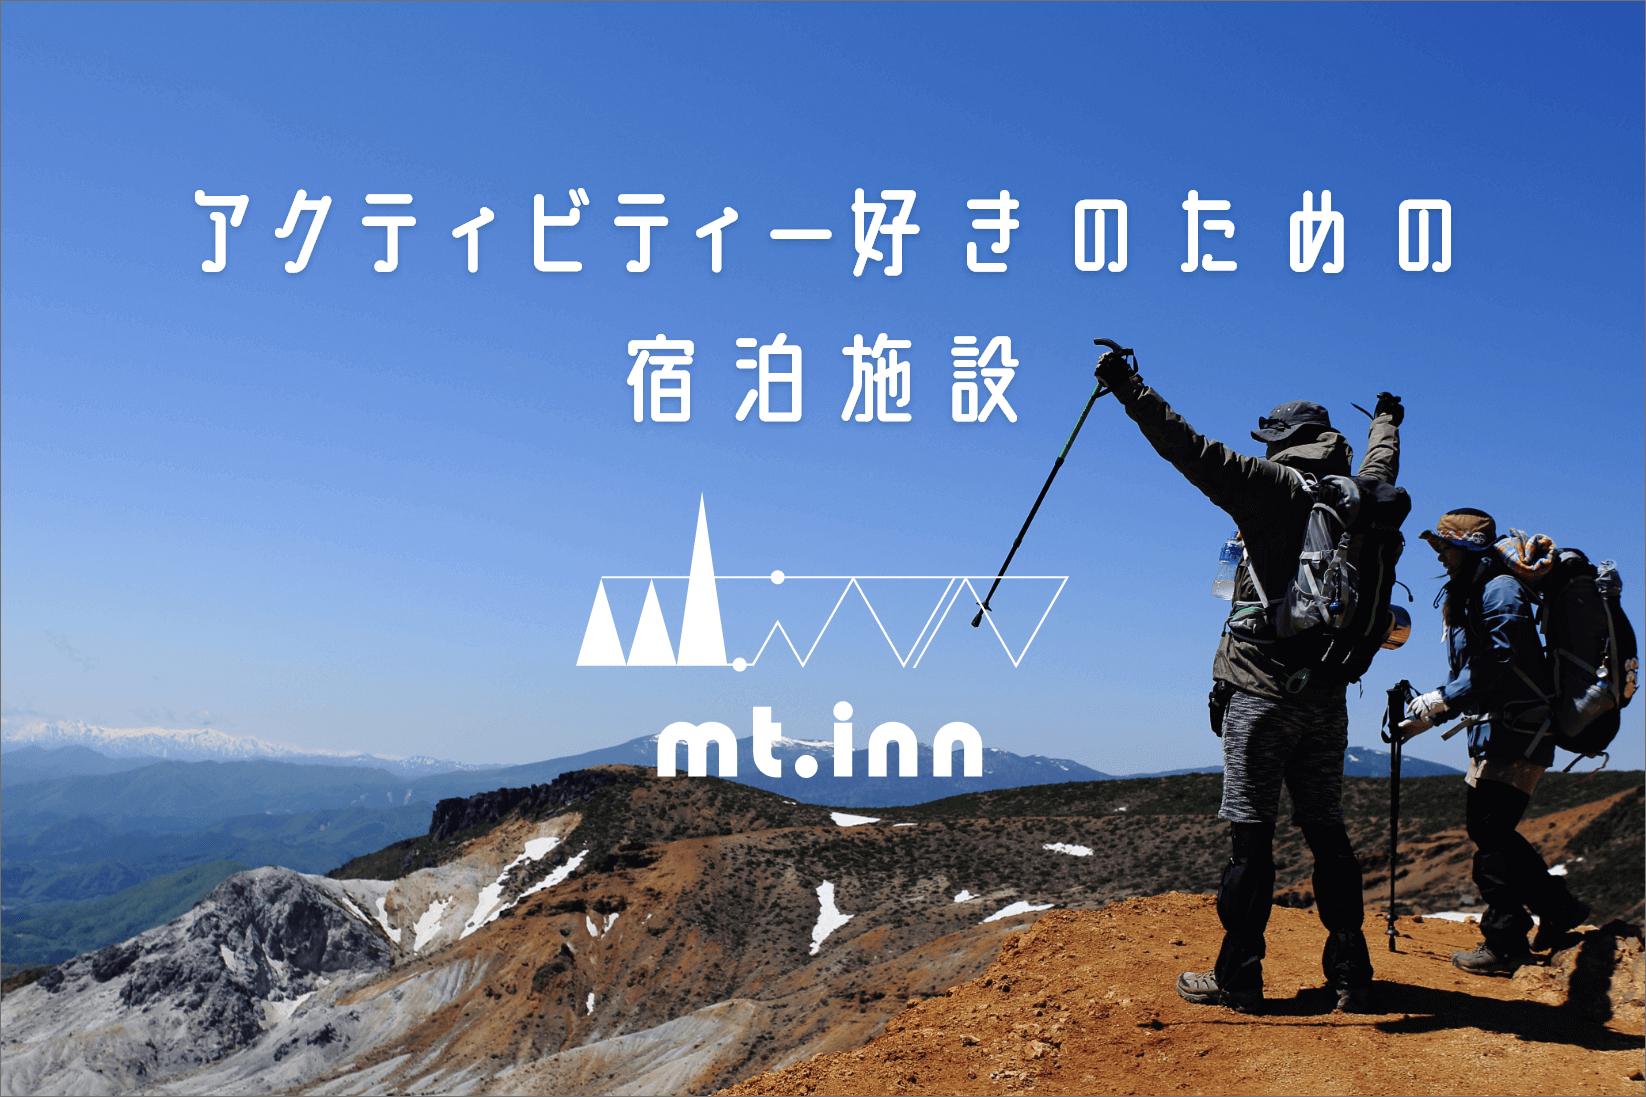 アクティビティ特化型ホテル「mt. inn(マウントイン)」が福島県・安達太良エリアで2019年4月にオープン